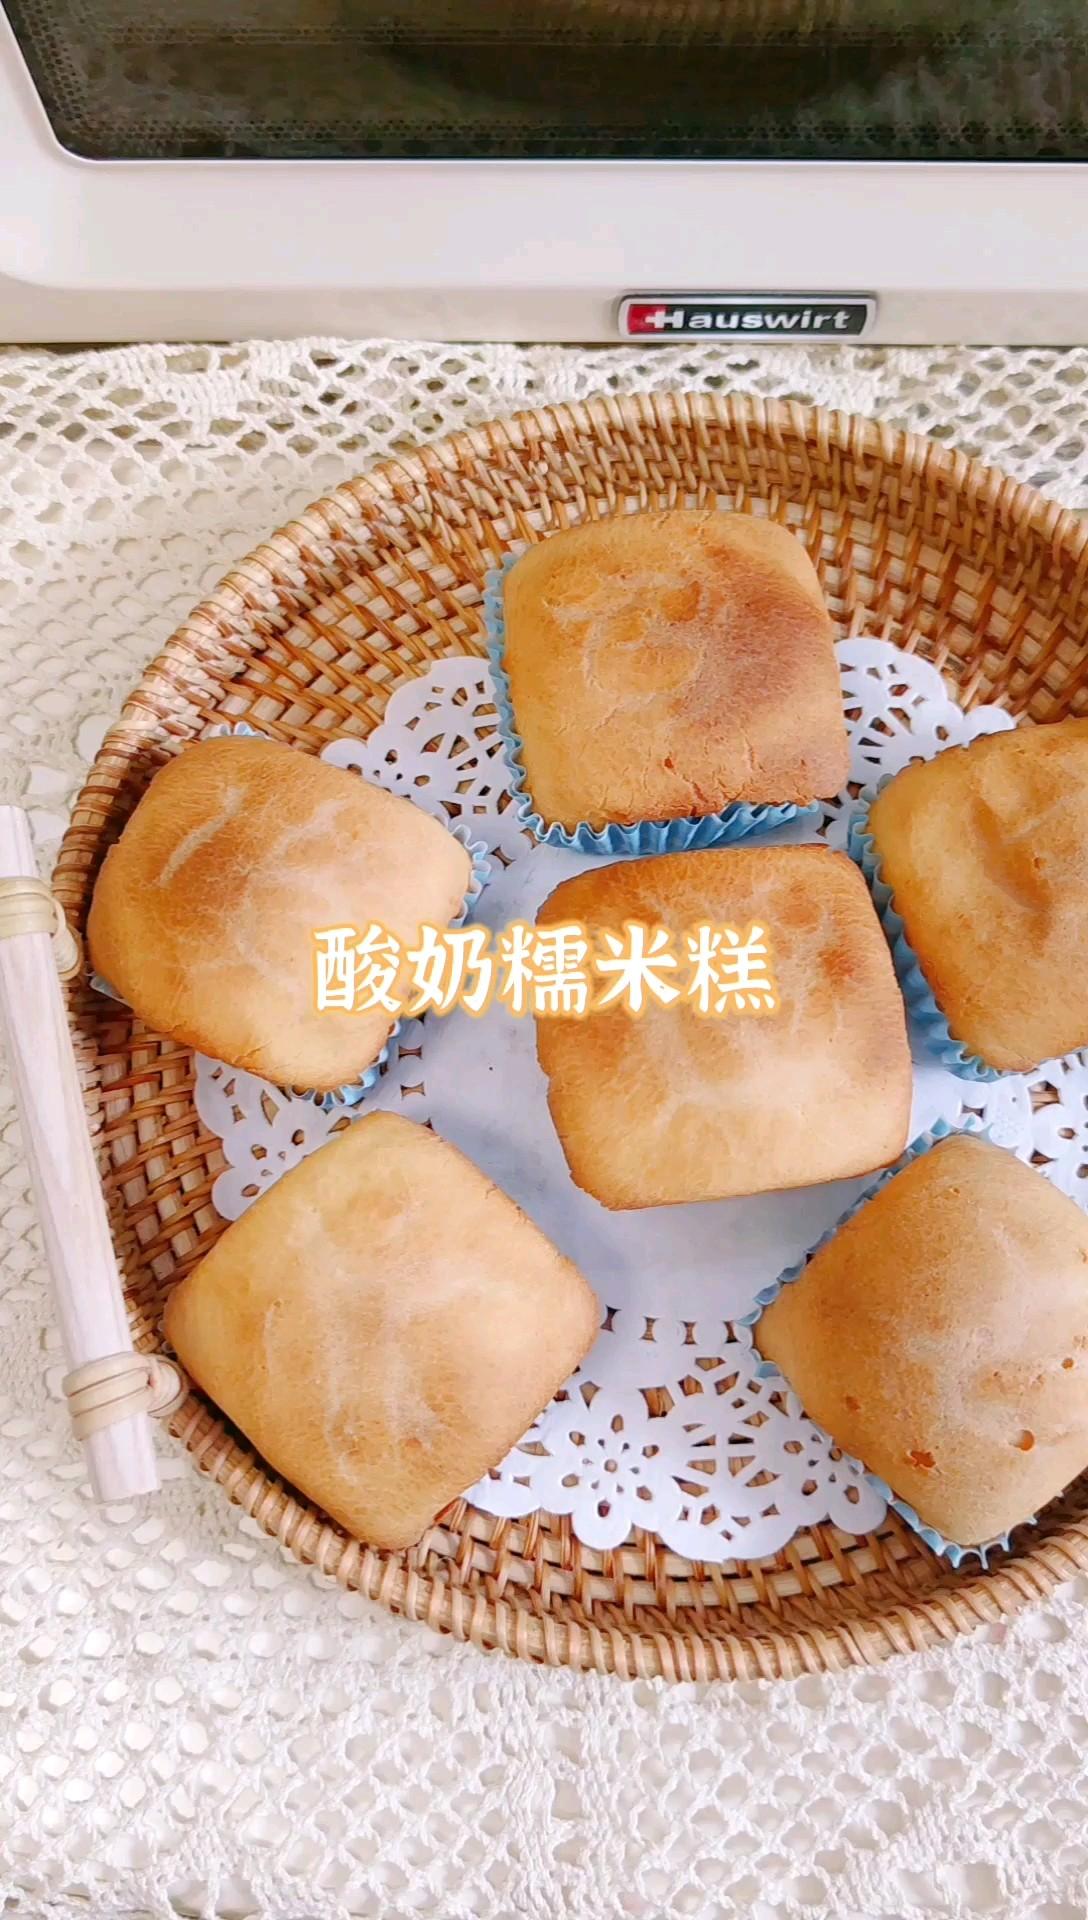 网红酸奶糯米蛋糕